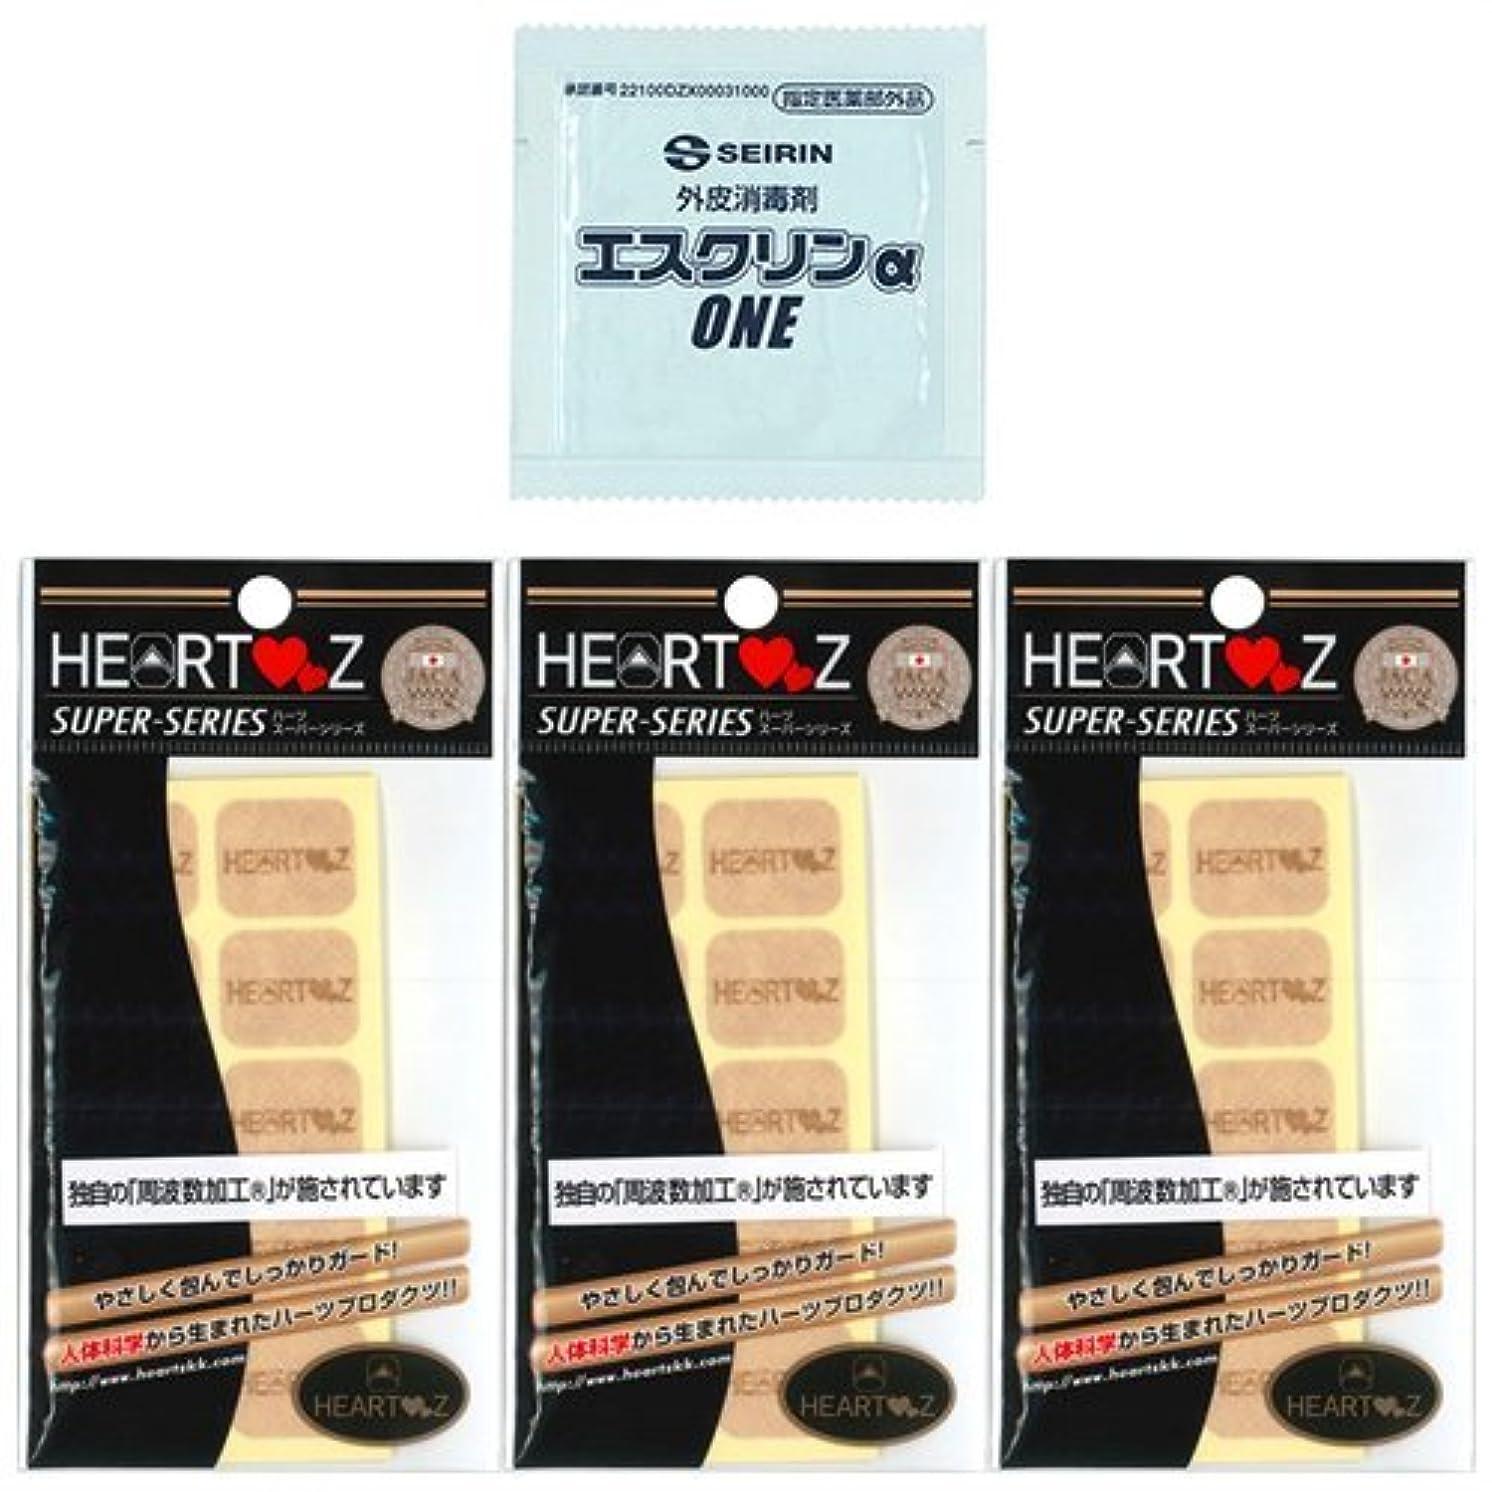 使い込む十一シート【HEARTZ(ハーツ)】ハーツスーパーシール レギュラータイプ 80枚入×3個セット (計240枚) + エスクリンαONEx1個 セット